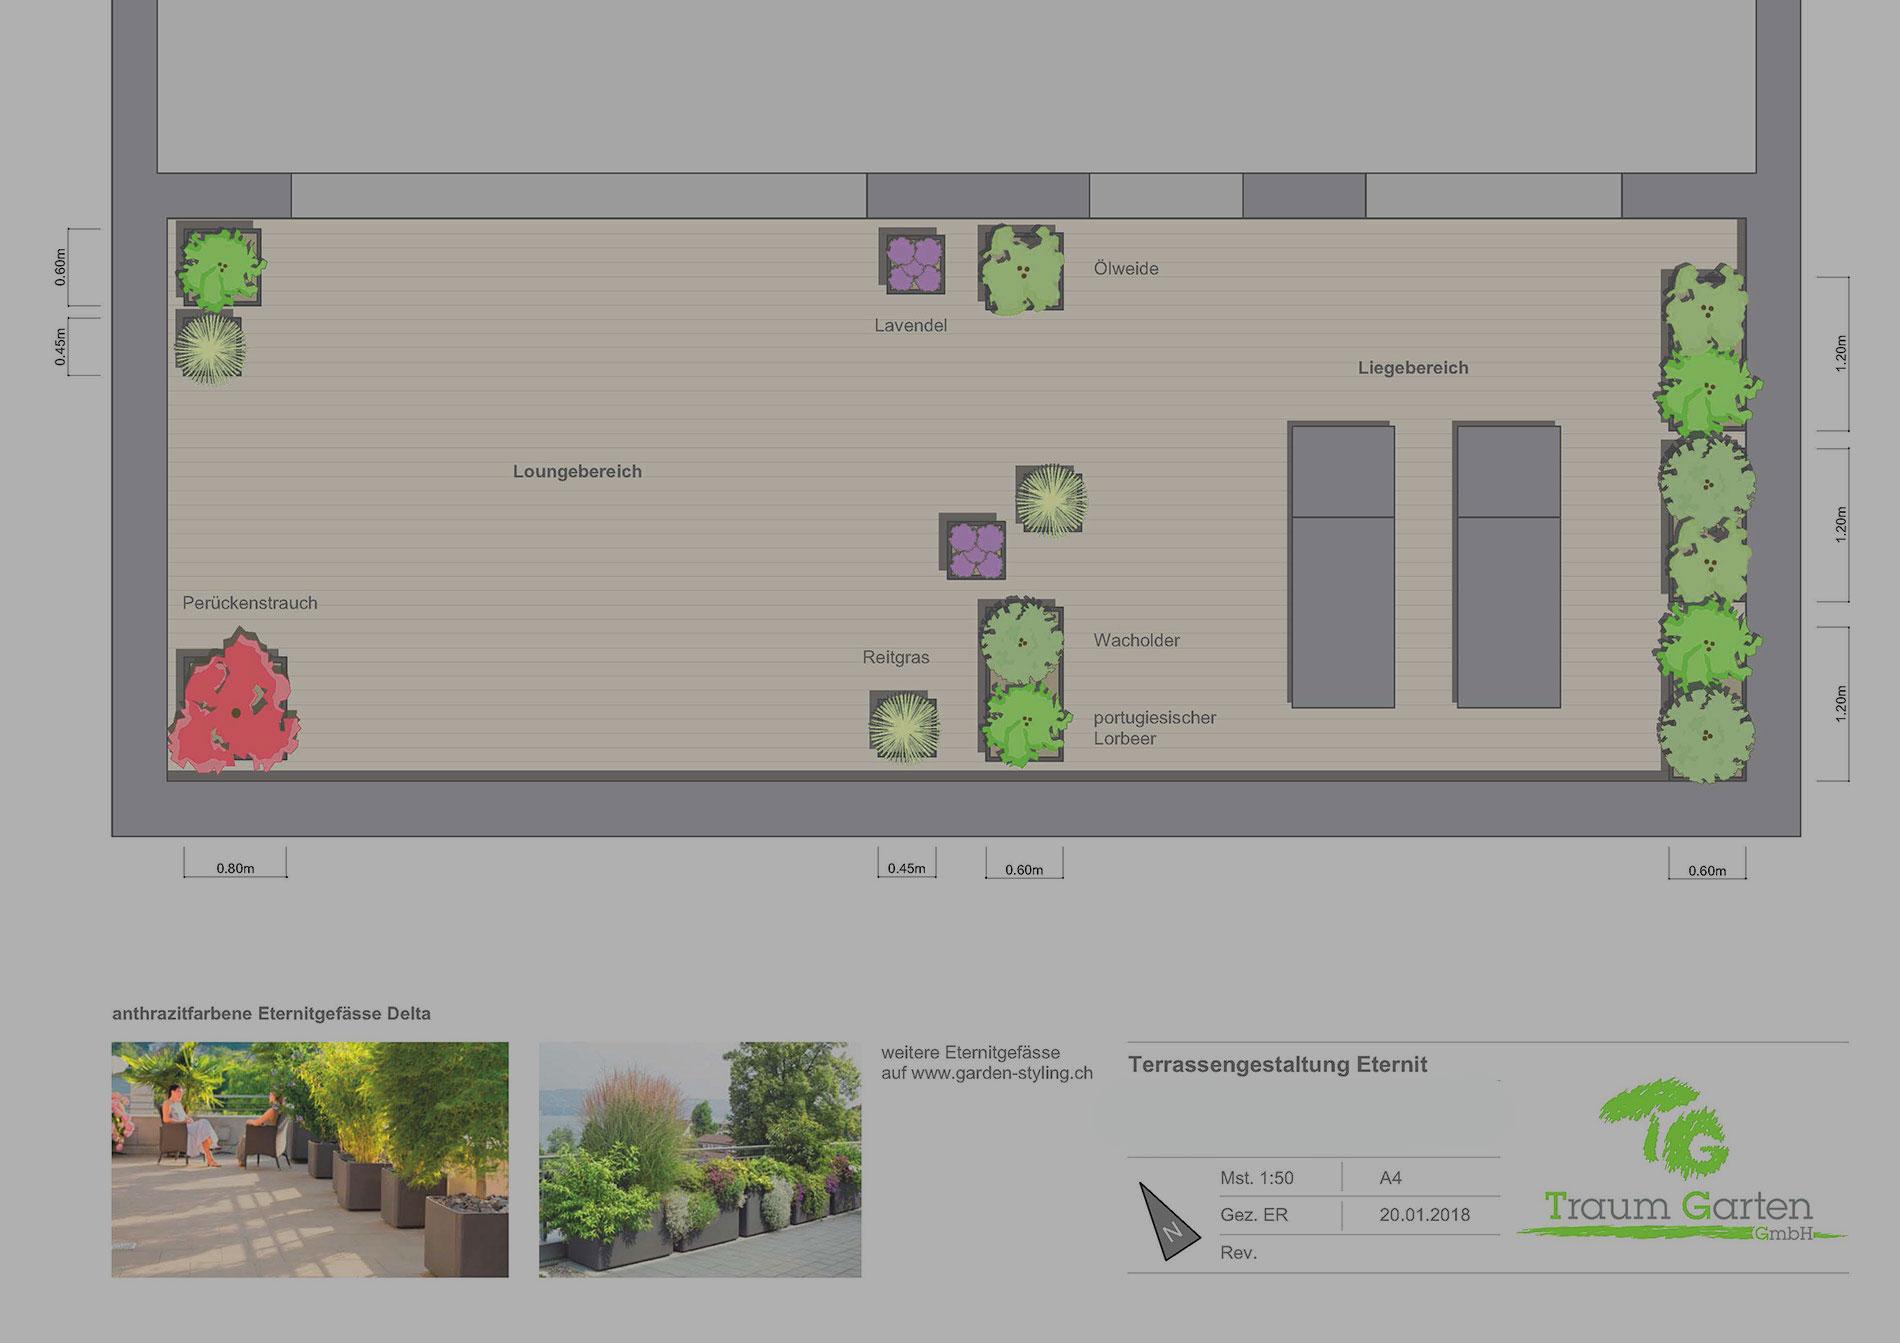 Terrassengestaltung Traum Garten Gmbh Gartenbau Schweiz Aargau